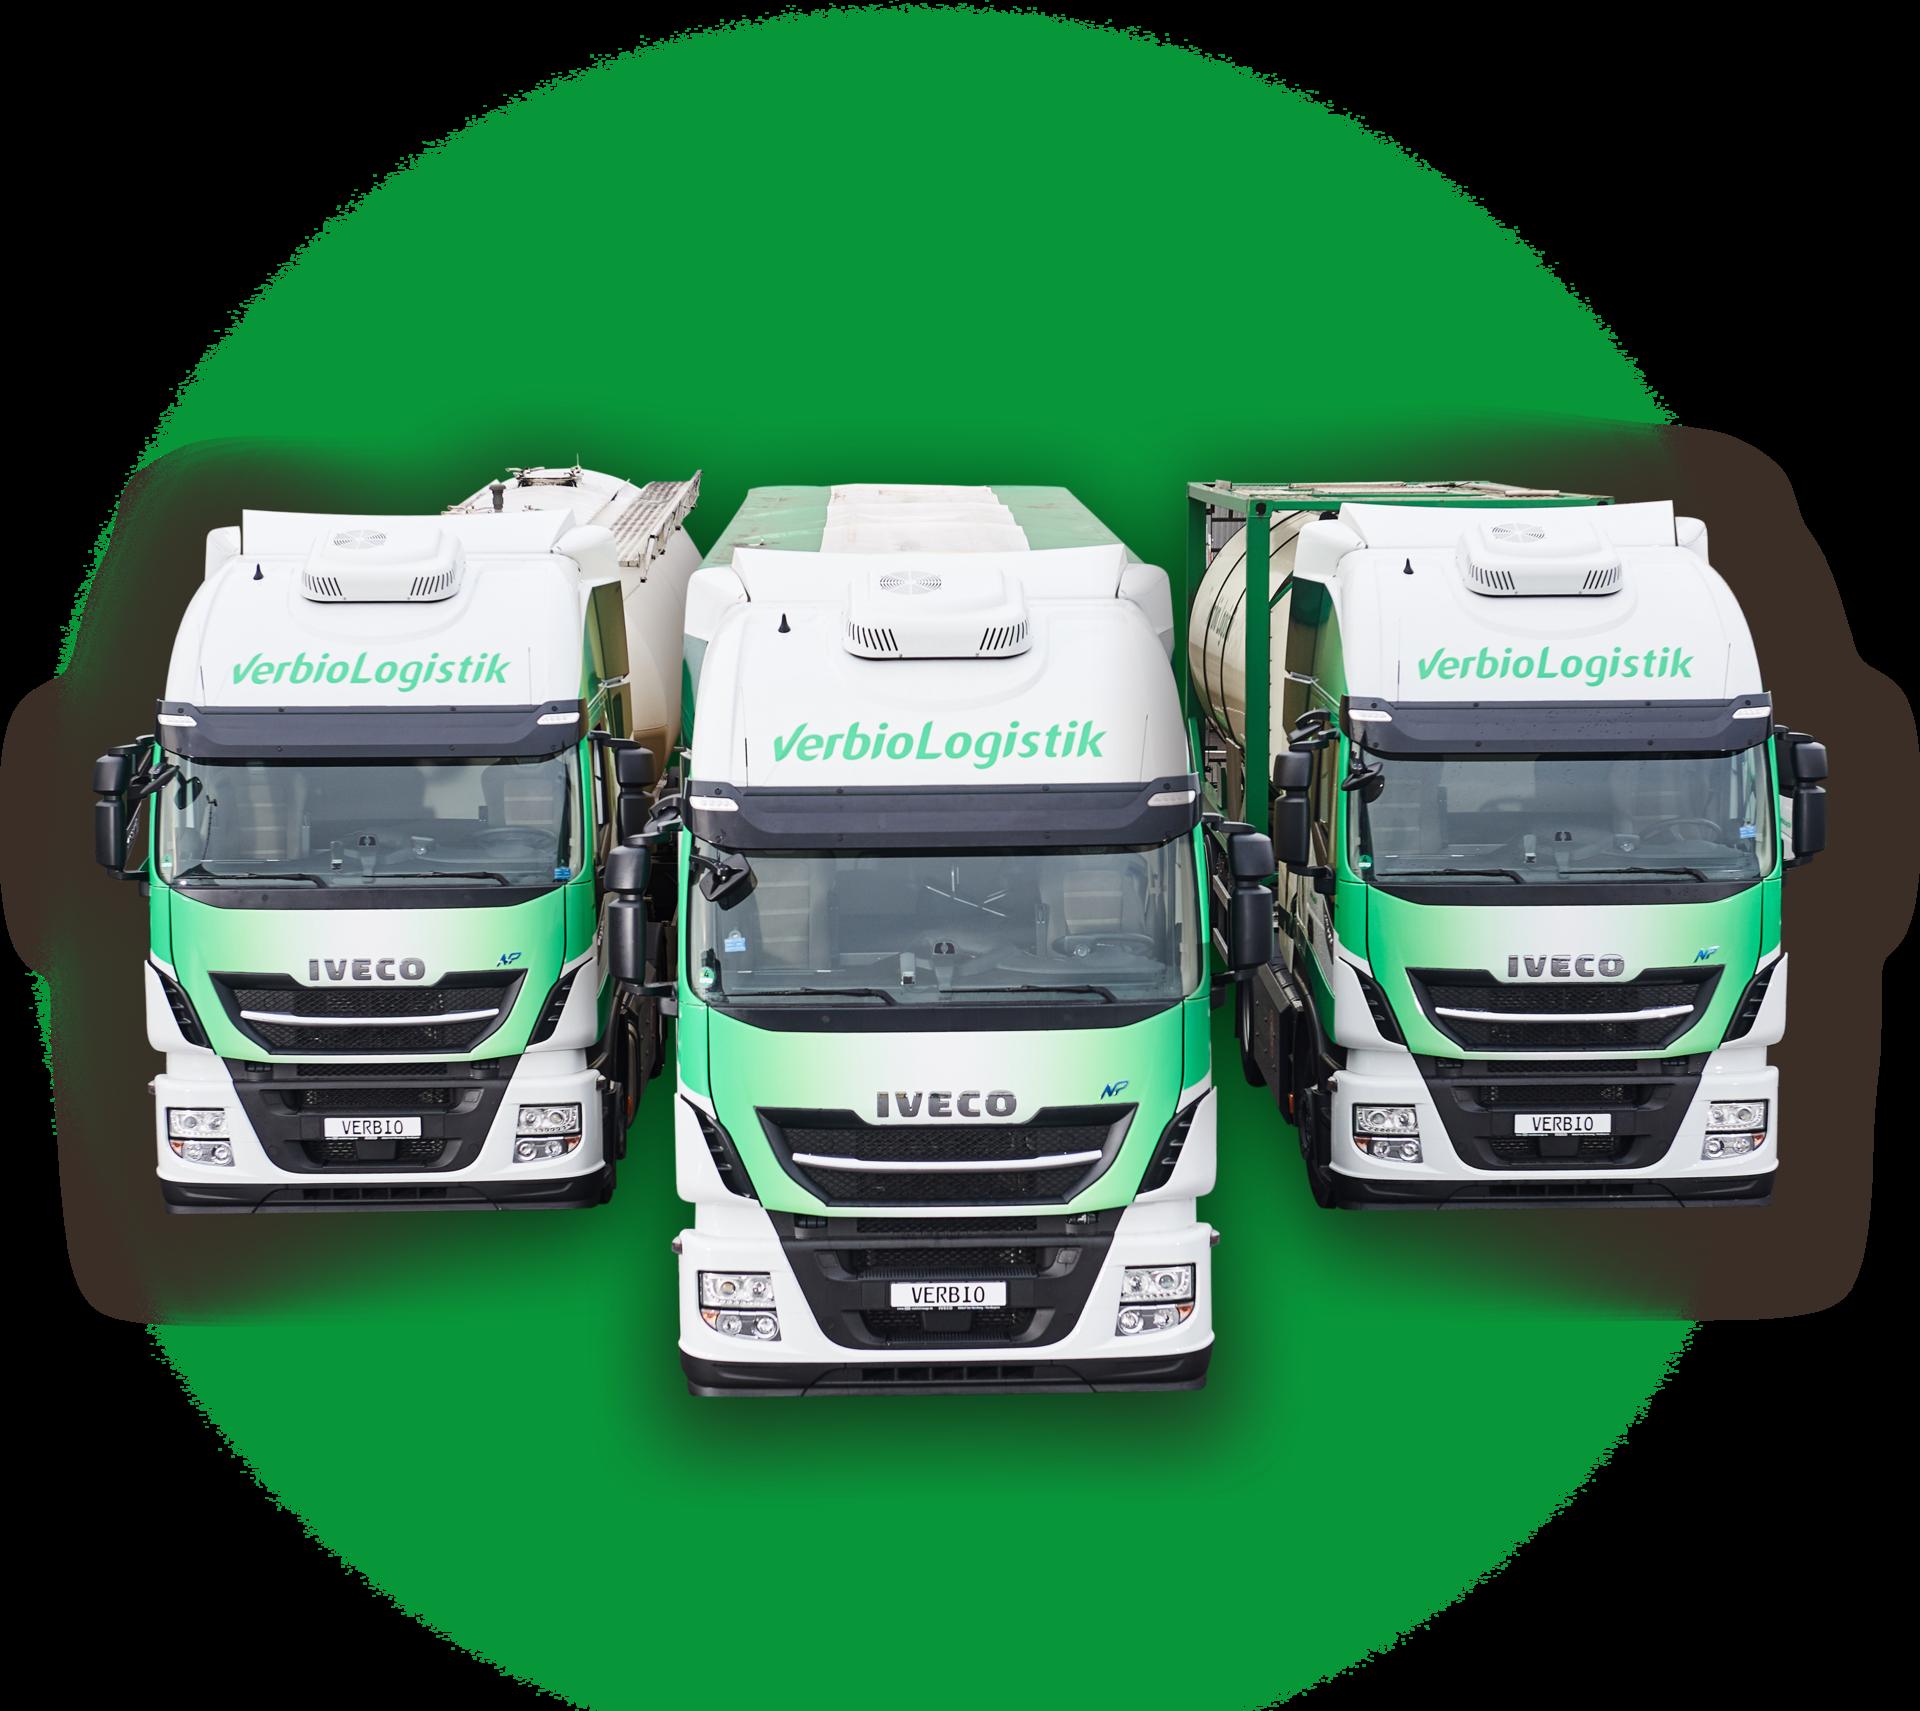 LKW-Flotte fährt mit Biogas von verbiogas